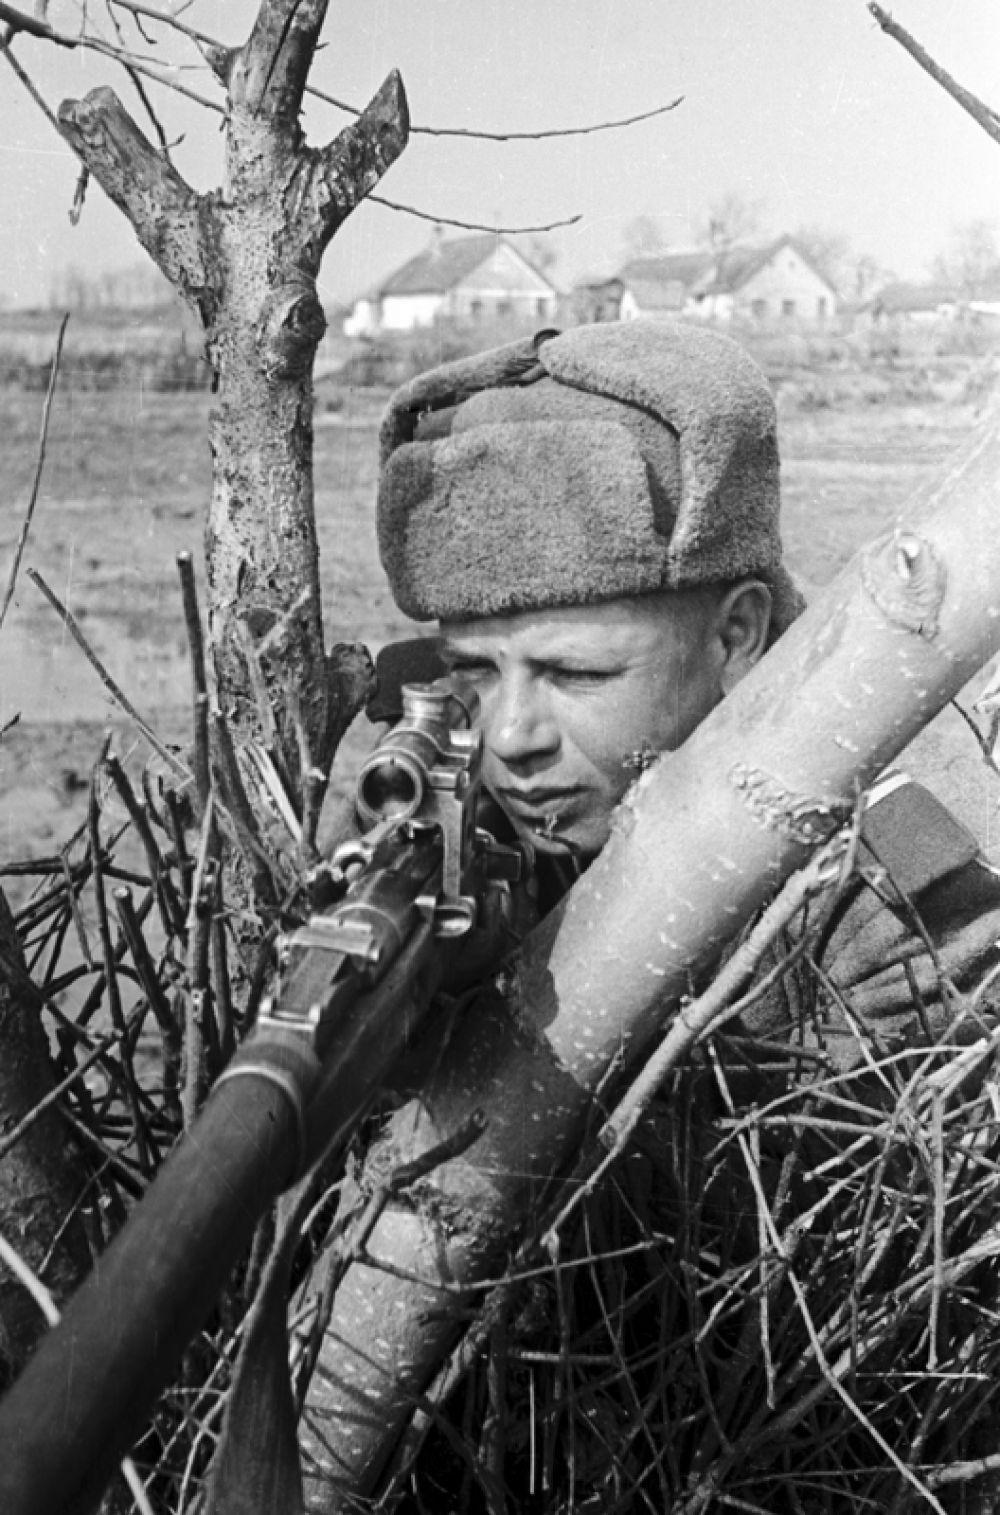 Снайпер сержант Коршун сидит в засаде в районе озера Балатон. 3-й Украинский фронт.